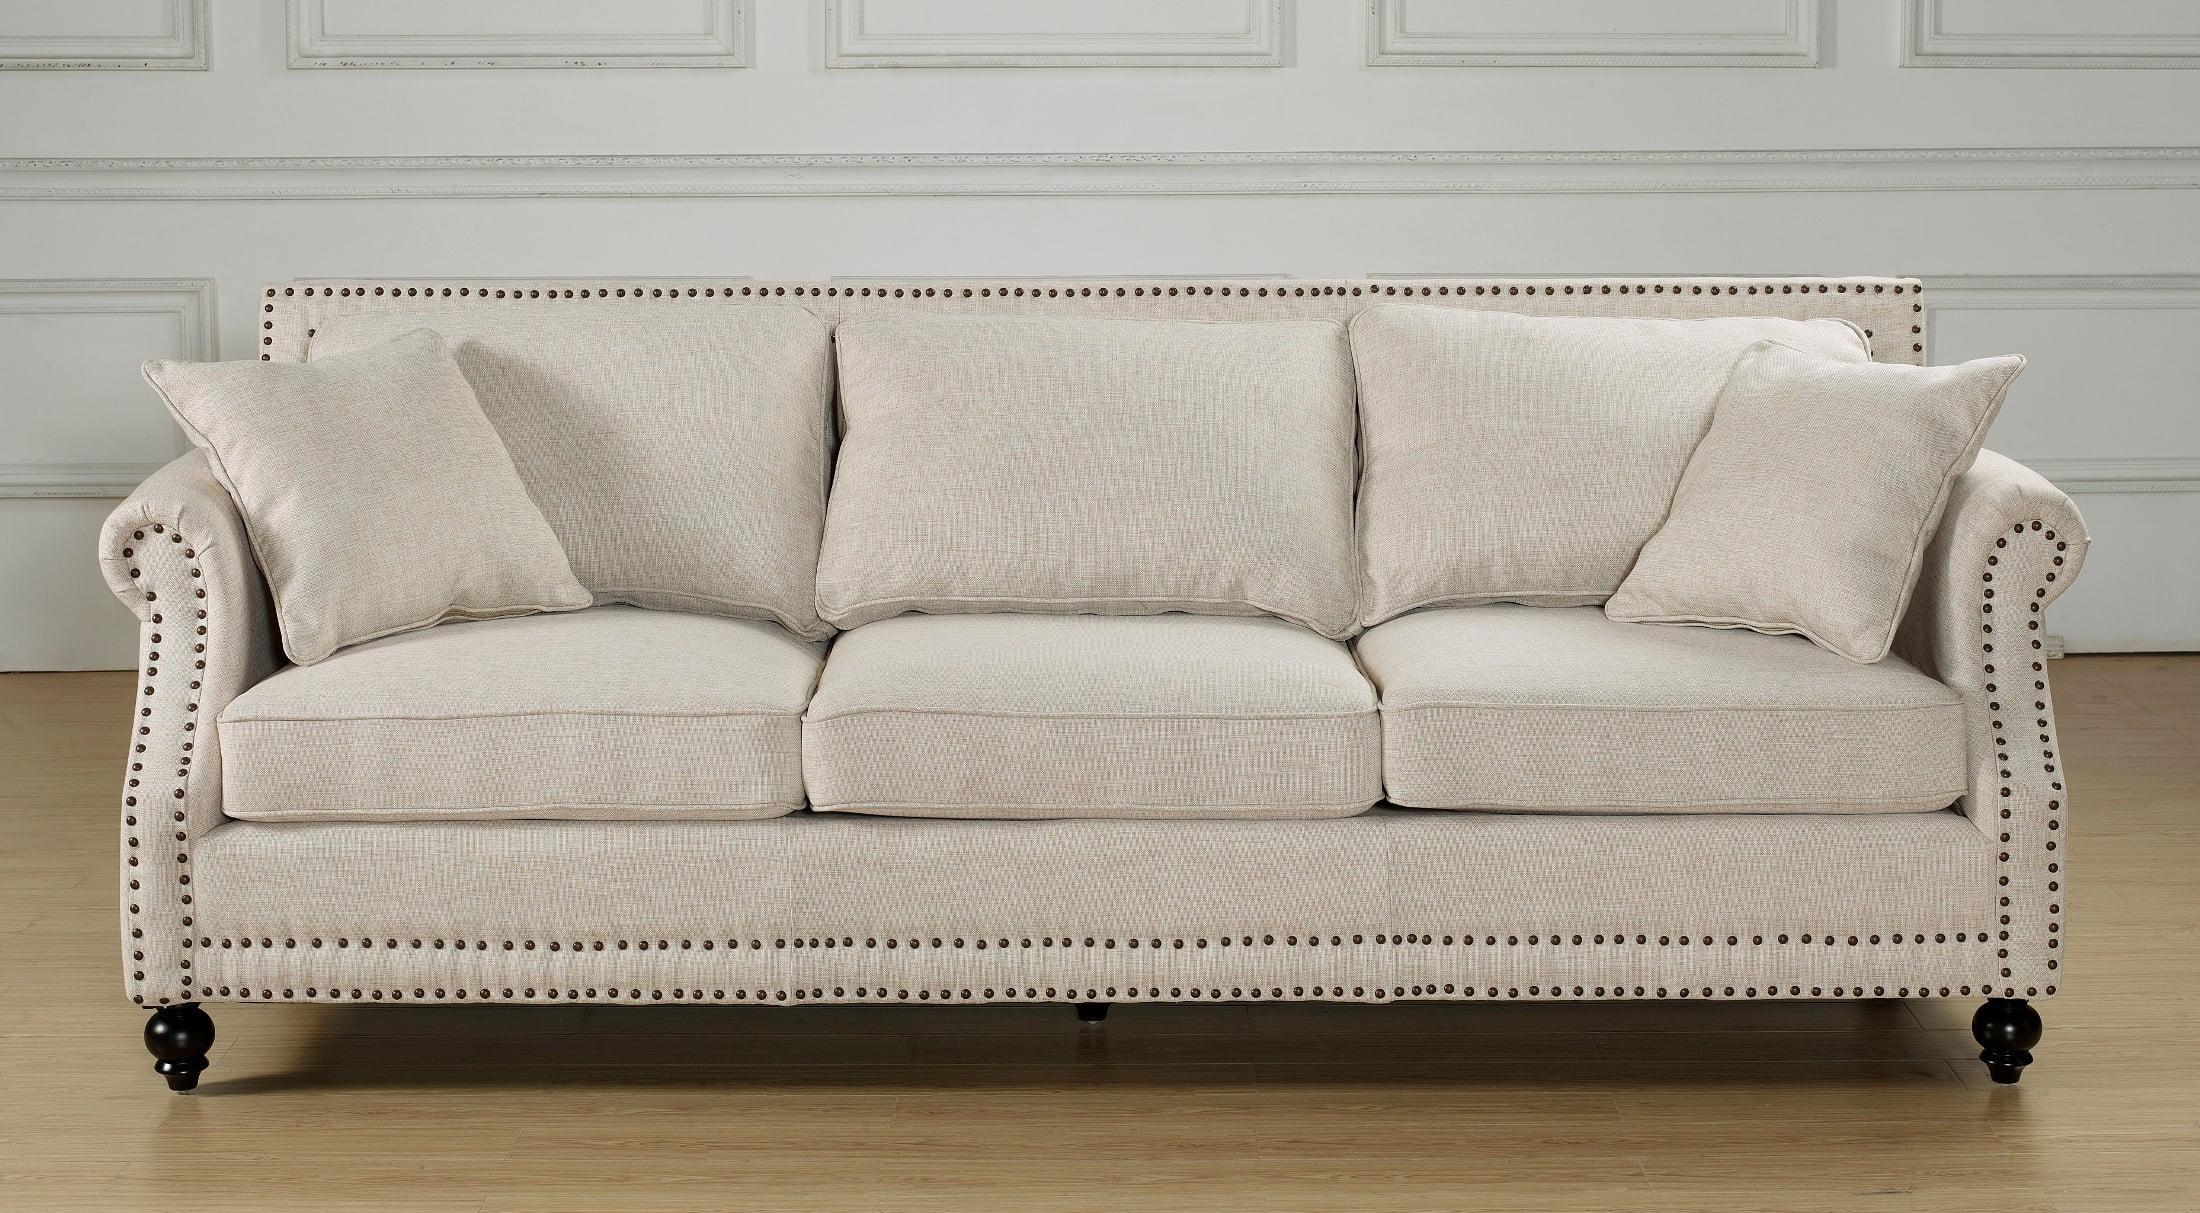 camden beige linen sofa from tov tov 63802 3 beige coleman furniture. Black Bedroom Furniture Sets. Home Design Ideas